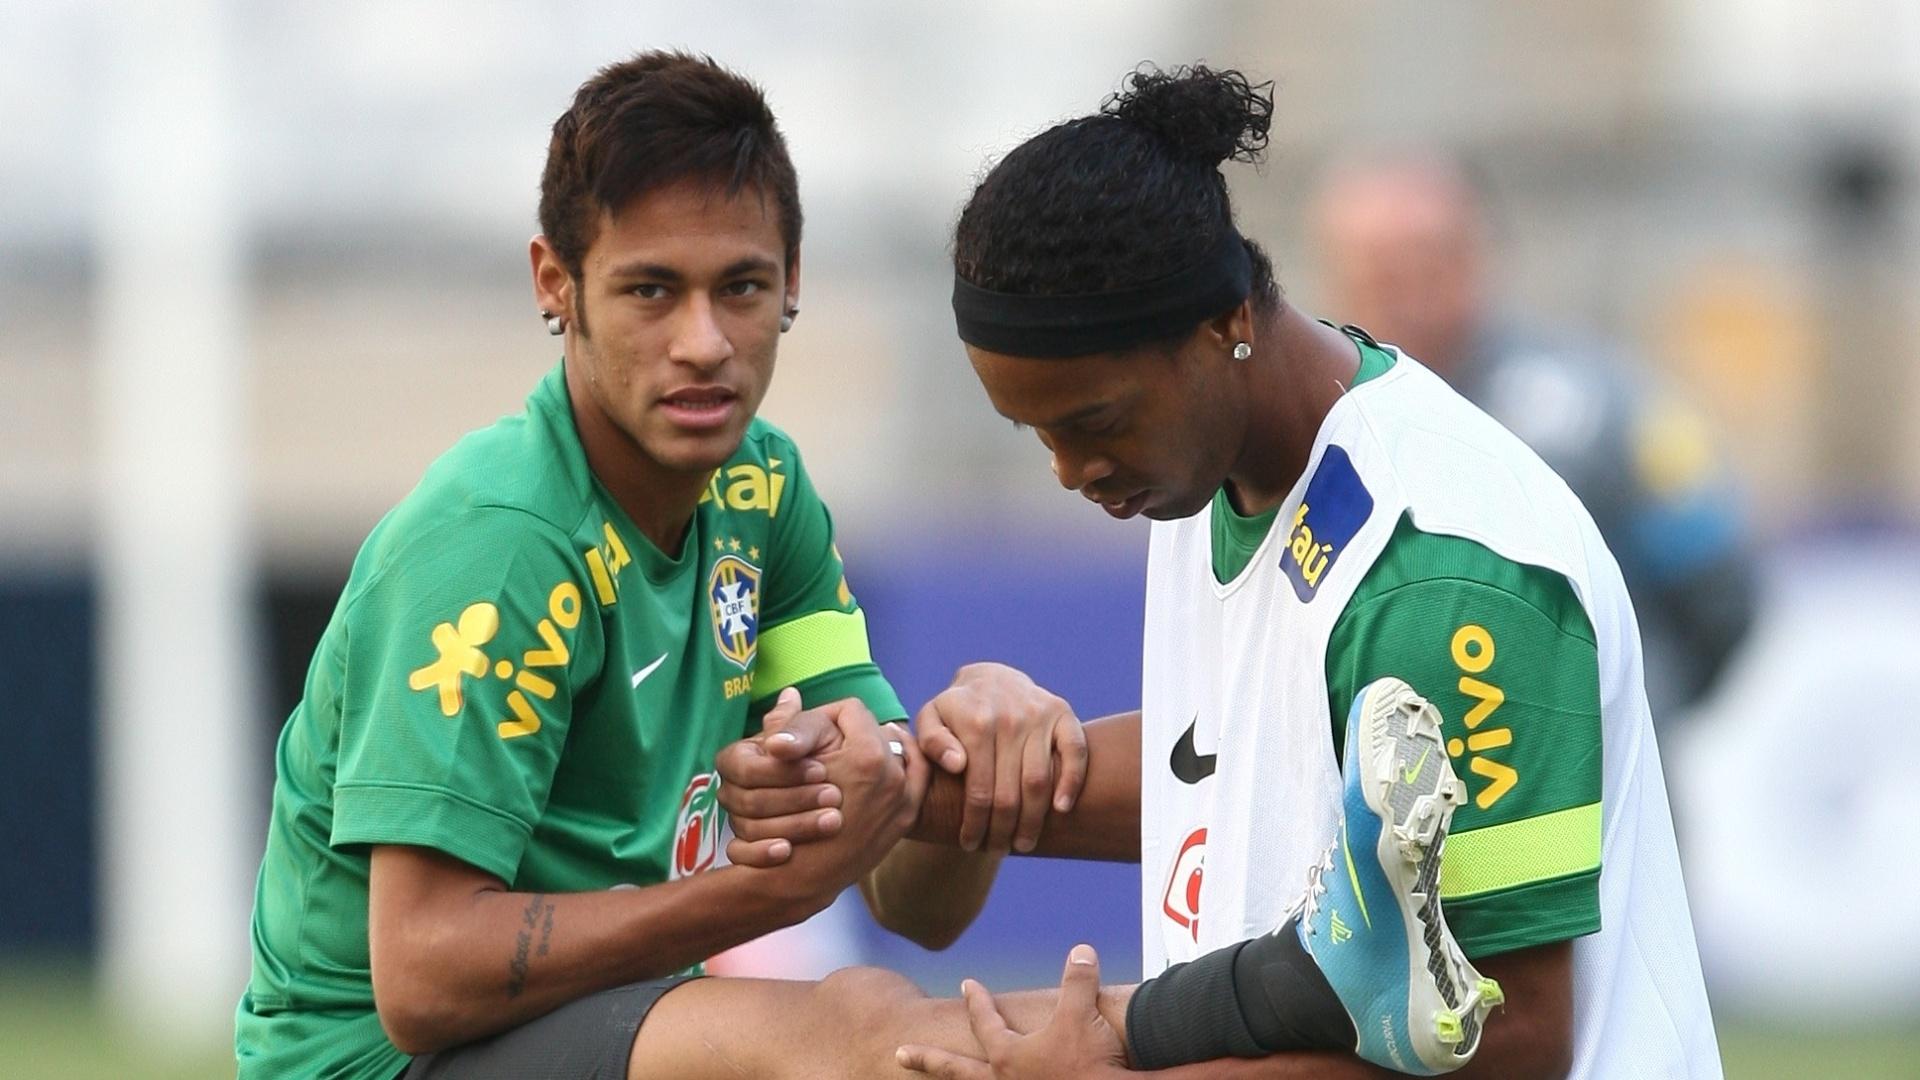 23.abr.2013 - Meia Ronaldinho Gaúcho ajuda o atacante Neymar no aquecimento no treino da seleção brasileira no Mineirão